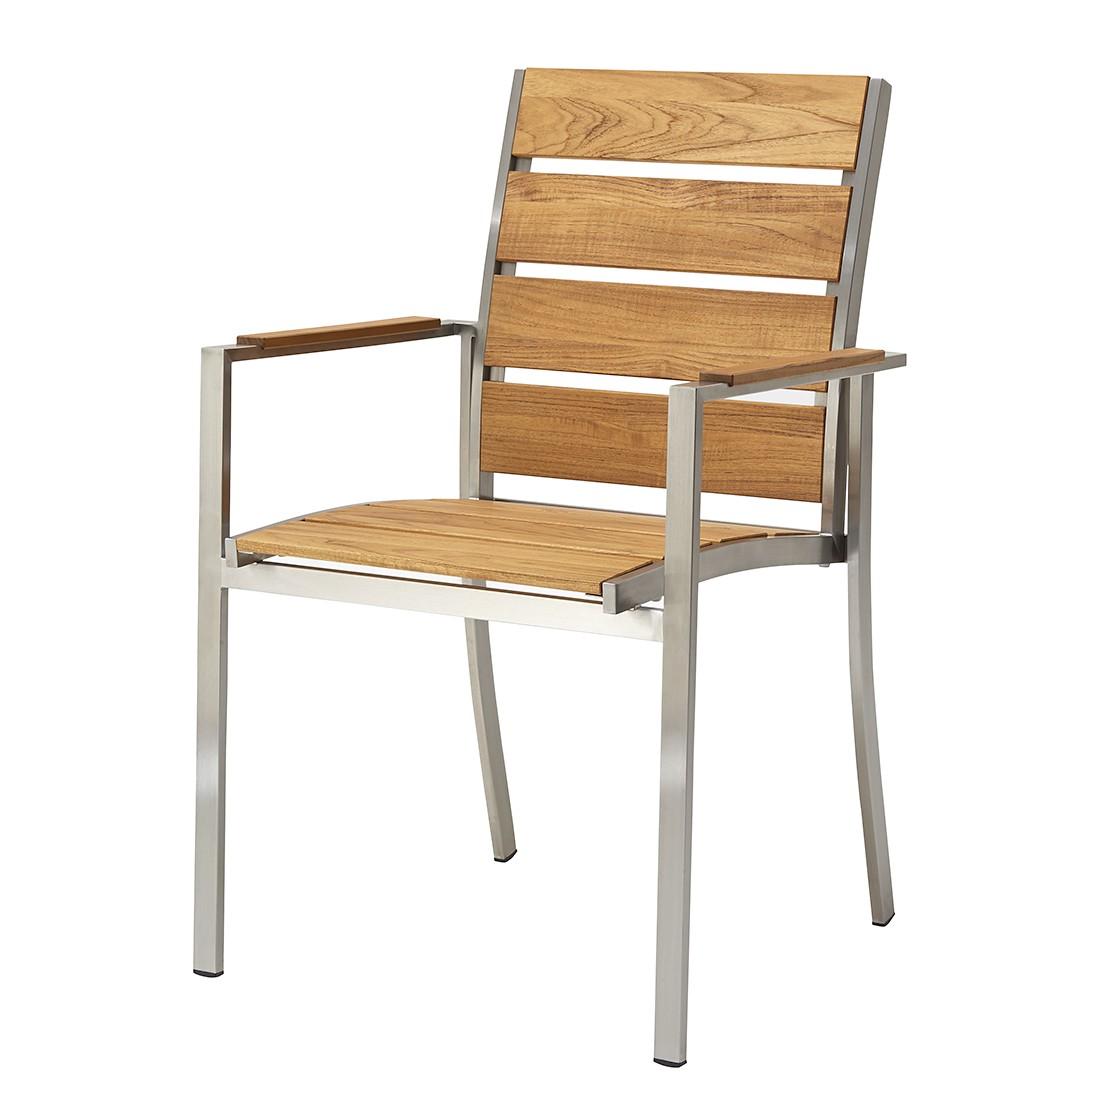 gartenstuhl teakholz preis vergleich 2016. Black Bedroom Furniture Sets. Home Design Ideas